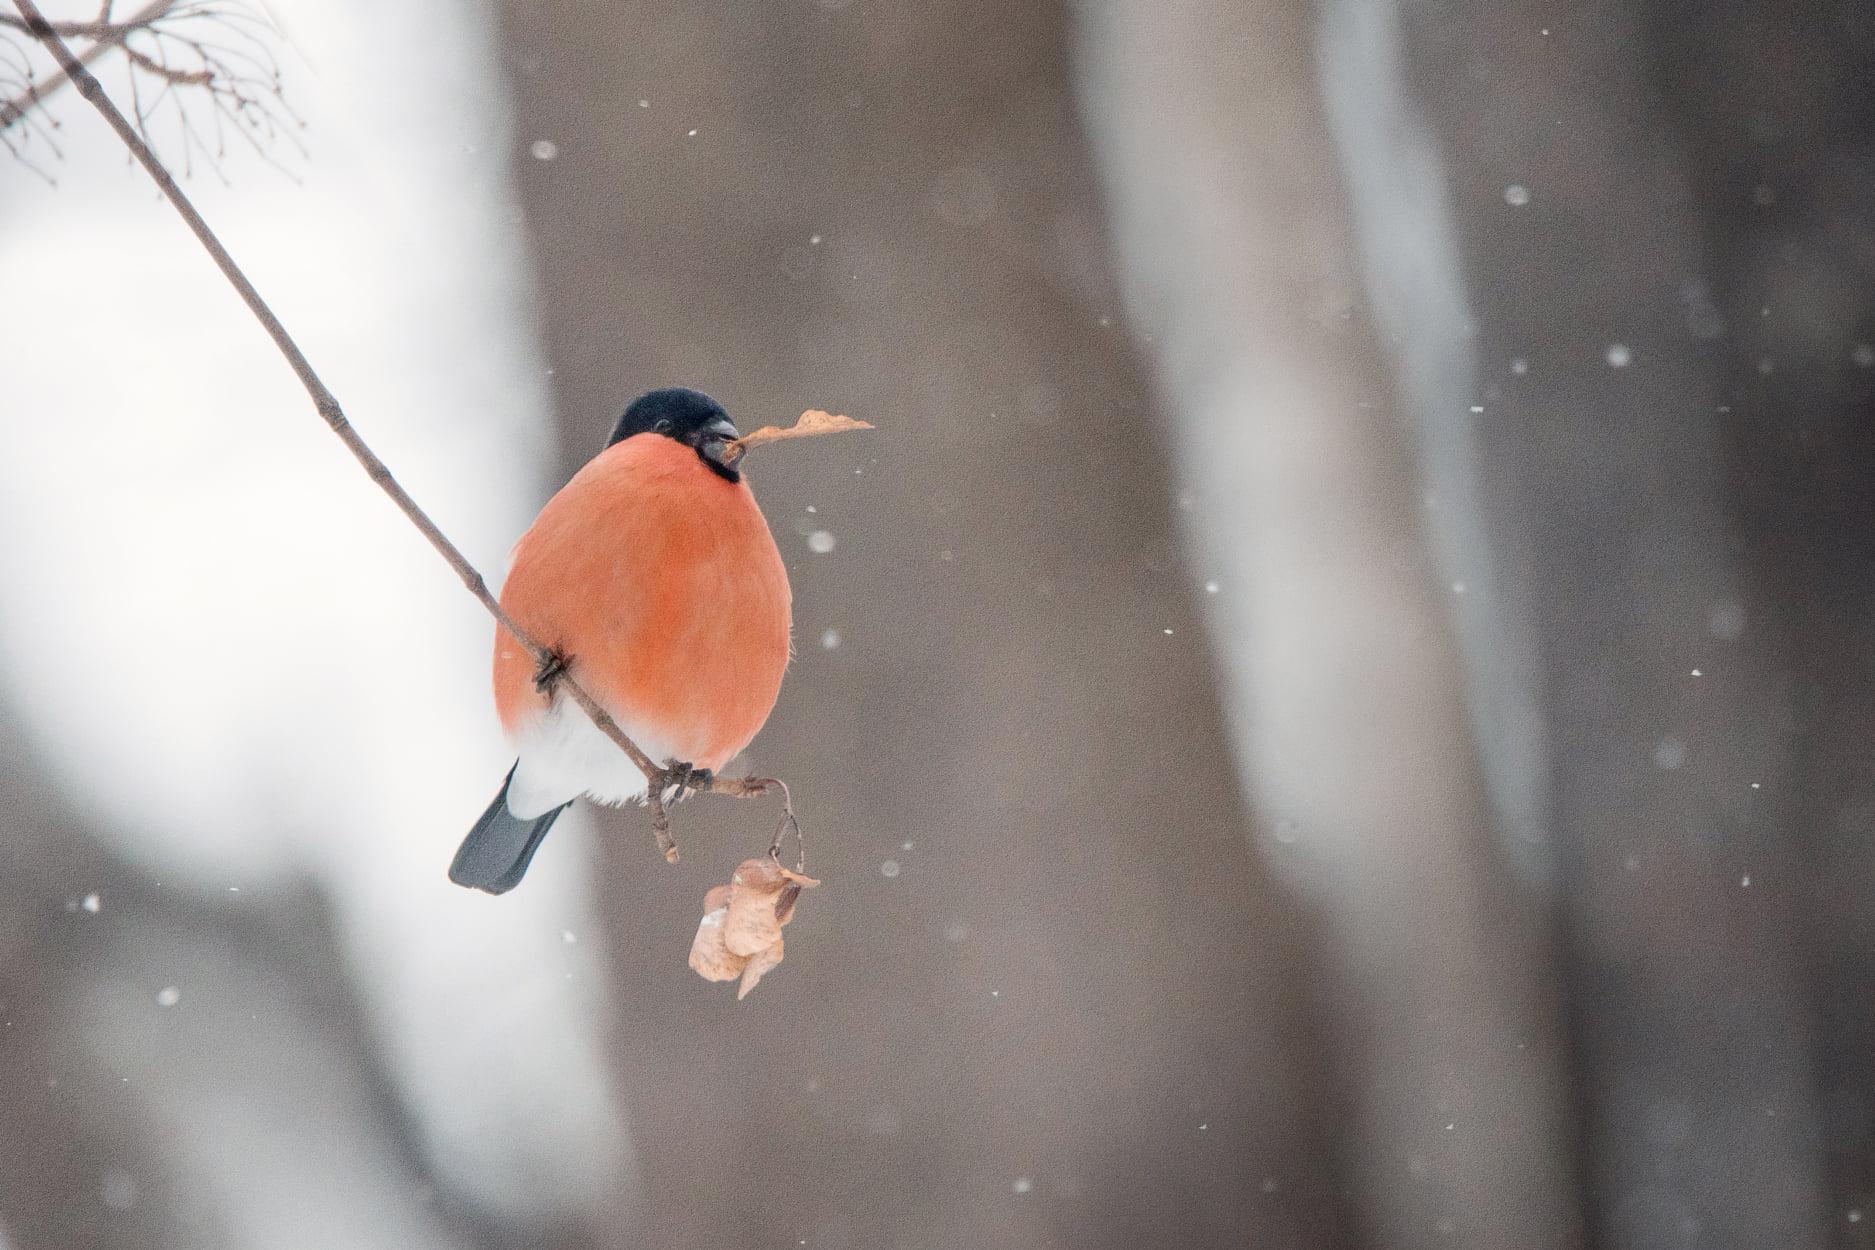 Тверские орнитологи просят не сниматься в фотосессиях со снегирями